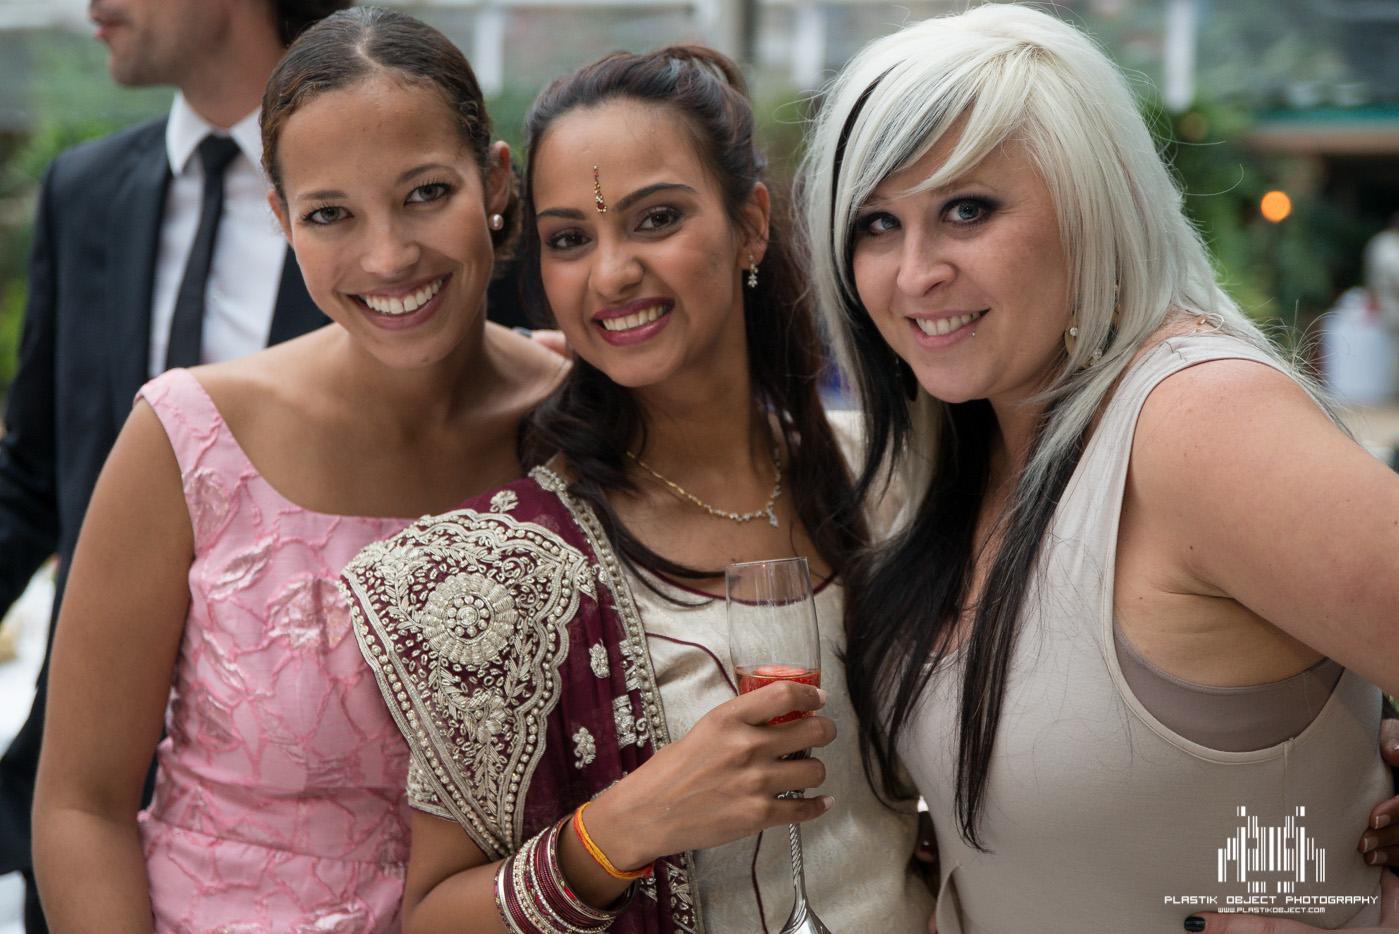 Olivia, Phera, and Shelby